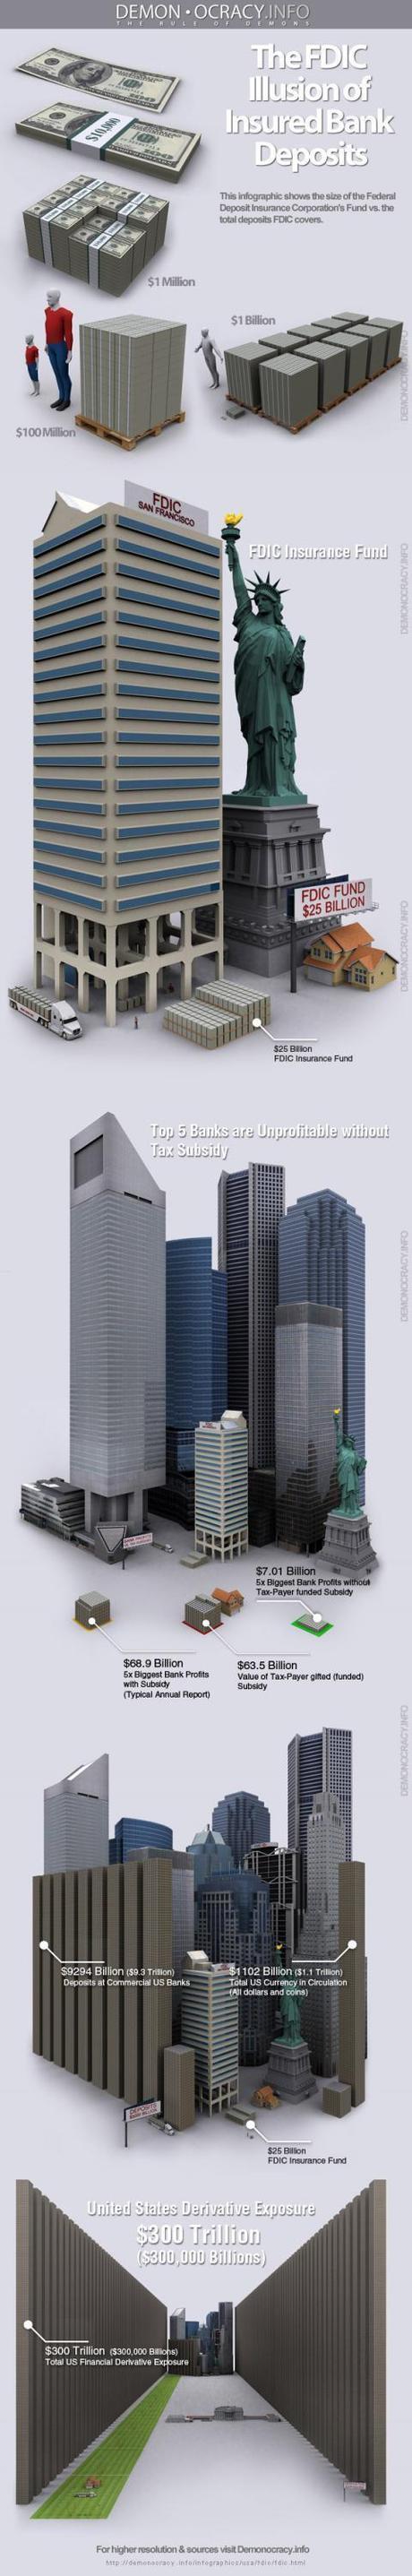 FDIC illusion